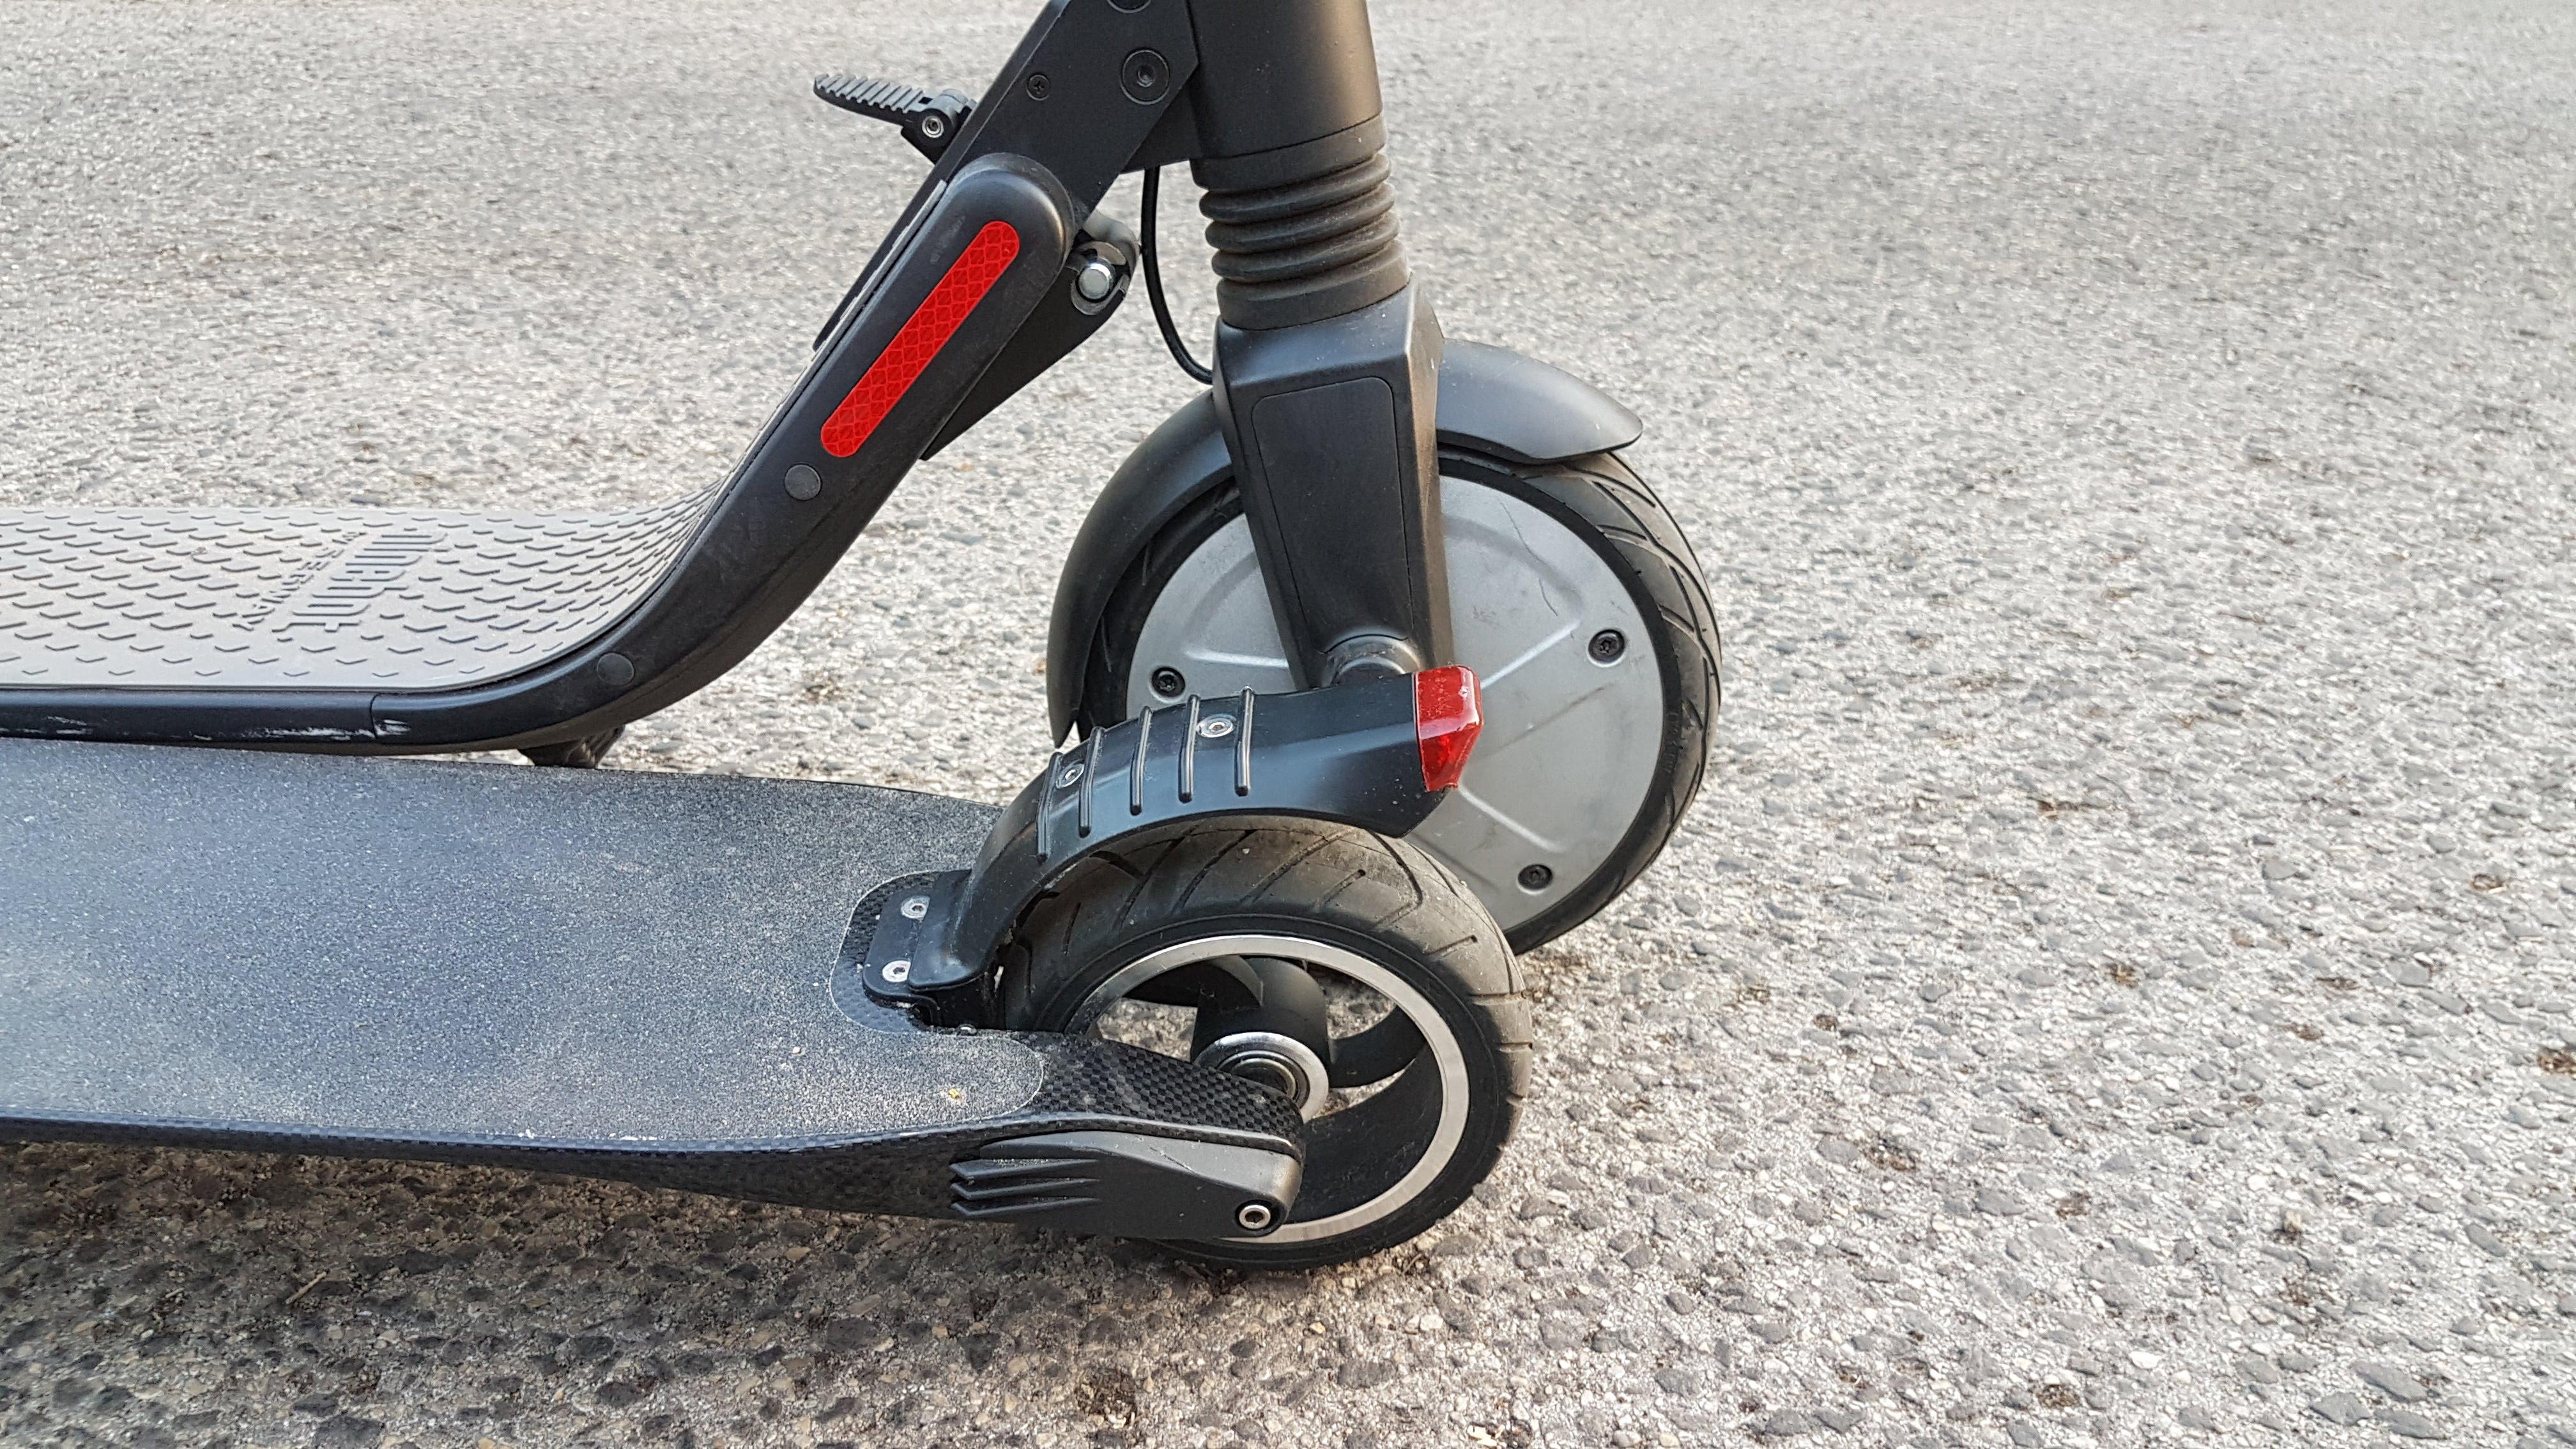 carbon-fiber-a-hordozhato-elektromos-roller-teszt-osszecsukhato-6600mAh-akkumulator-akksi-5.5-colos-kerek-29